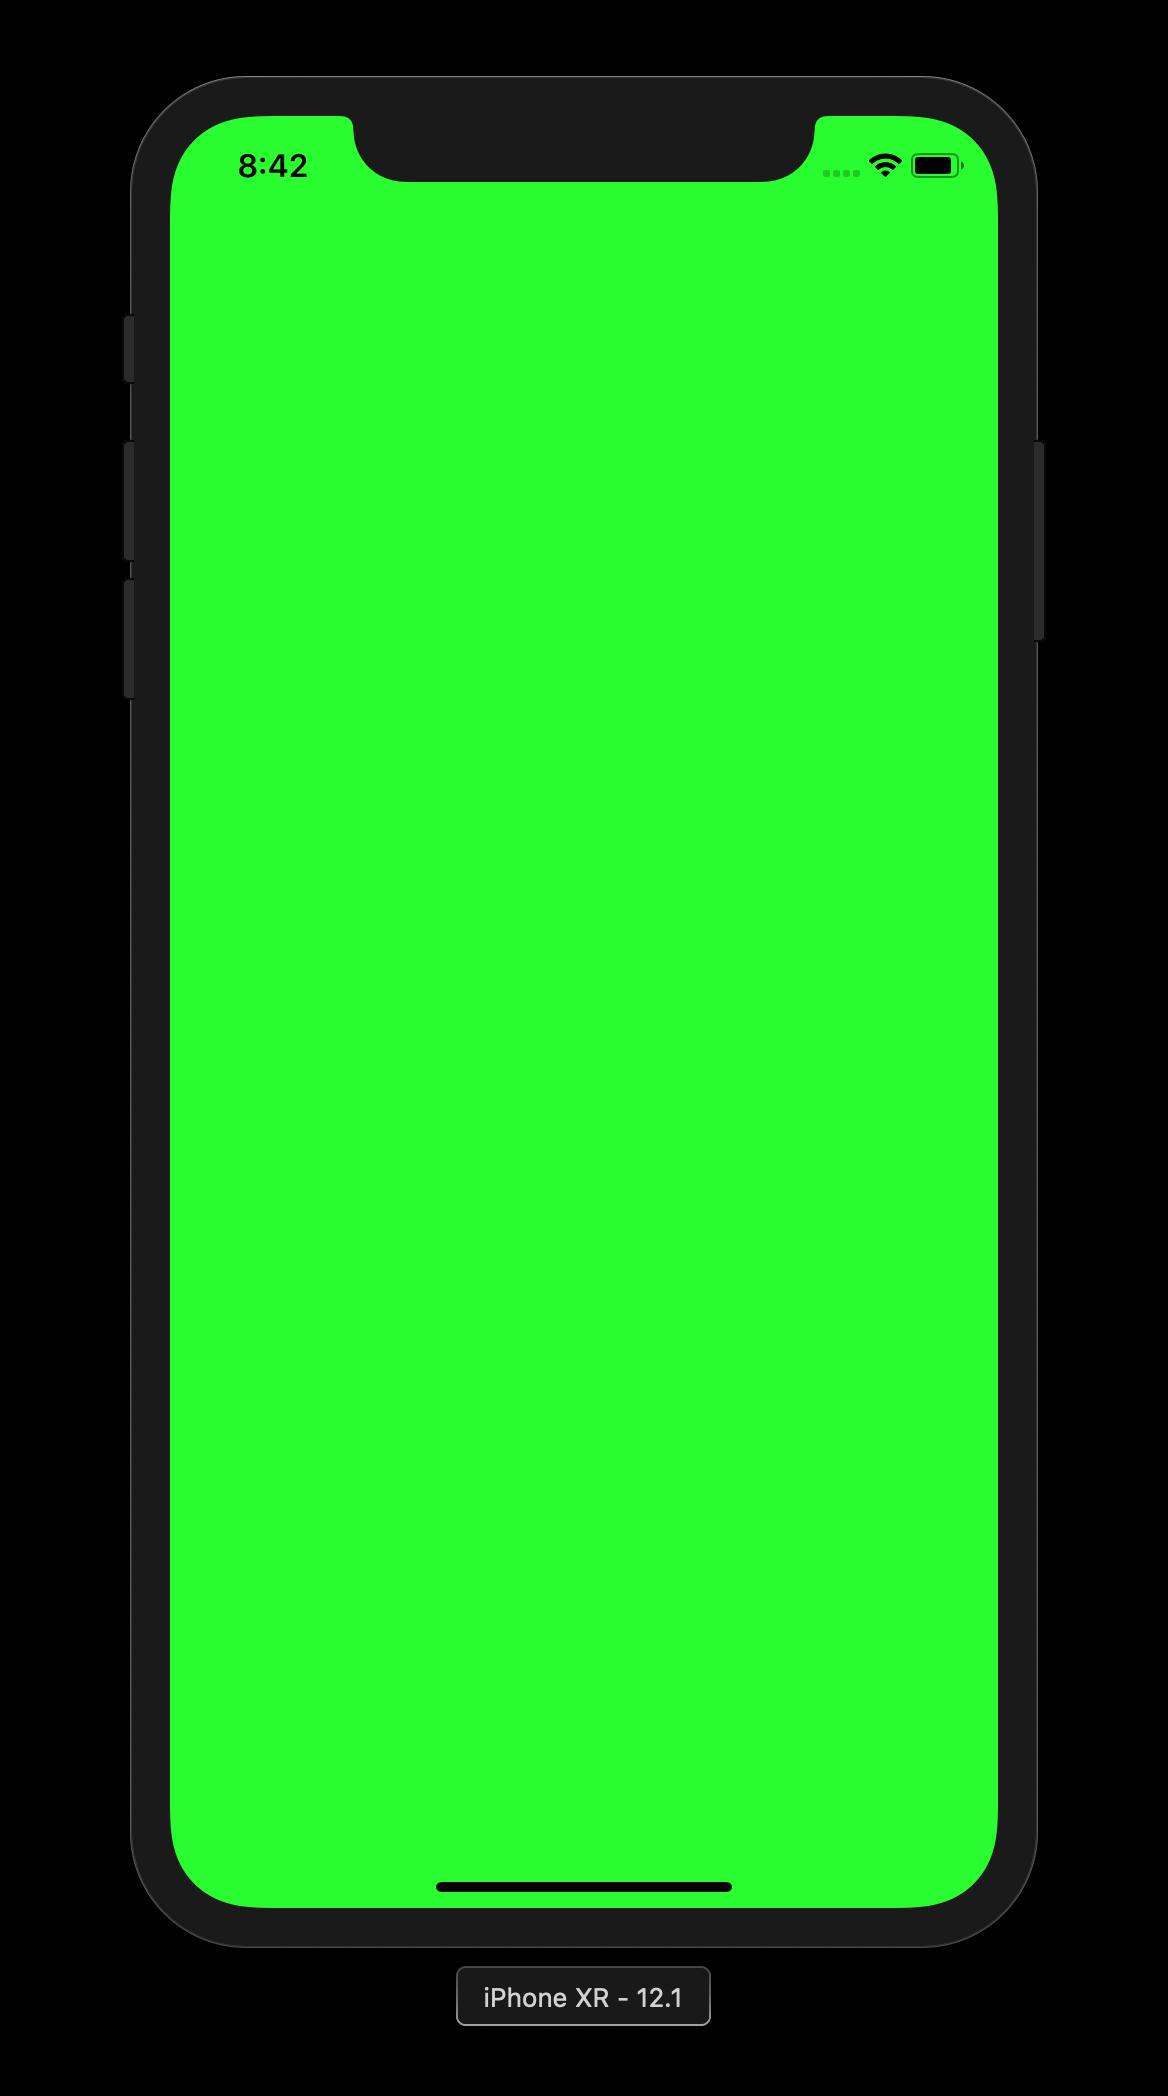 スクリーンショット 2018-12-04 8.42.28.png